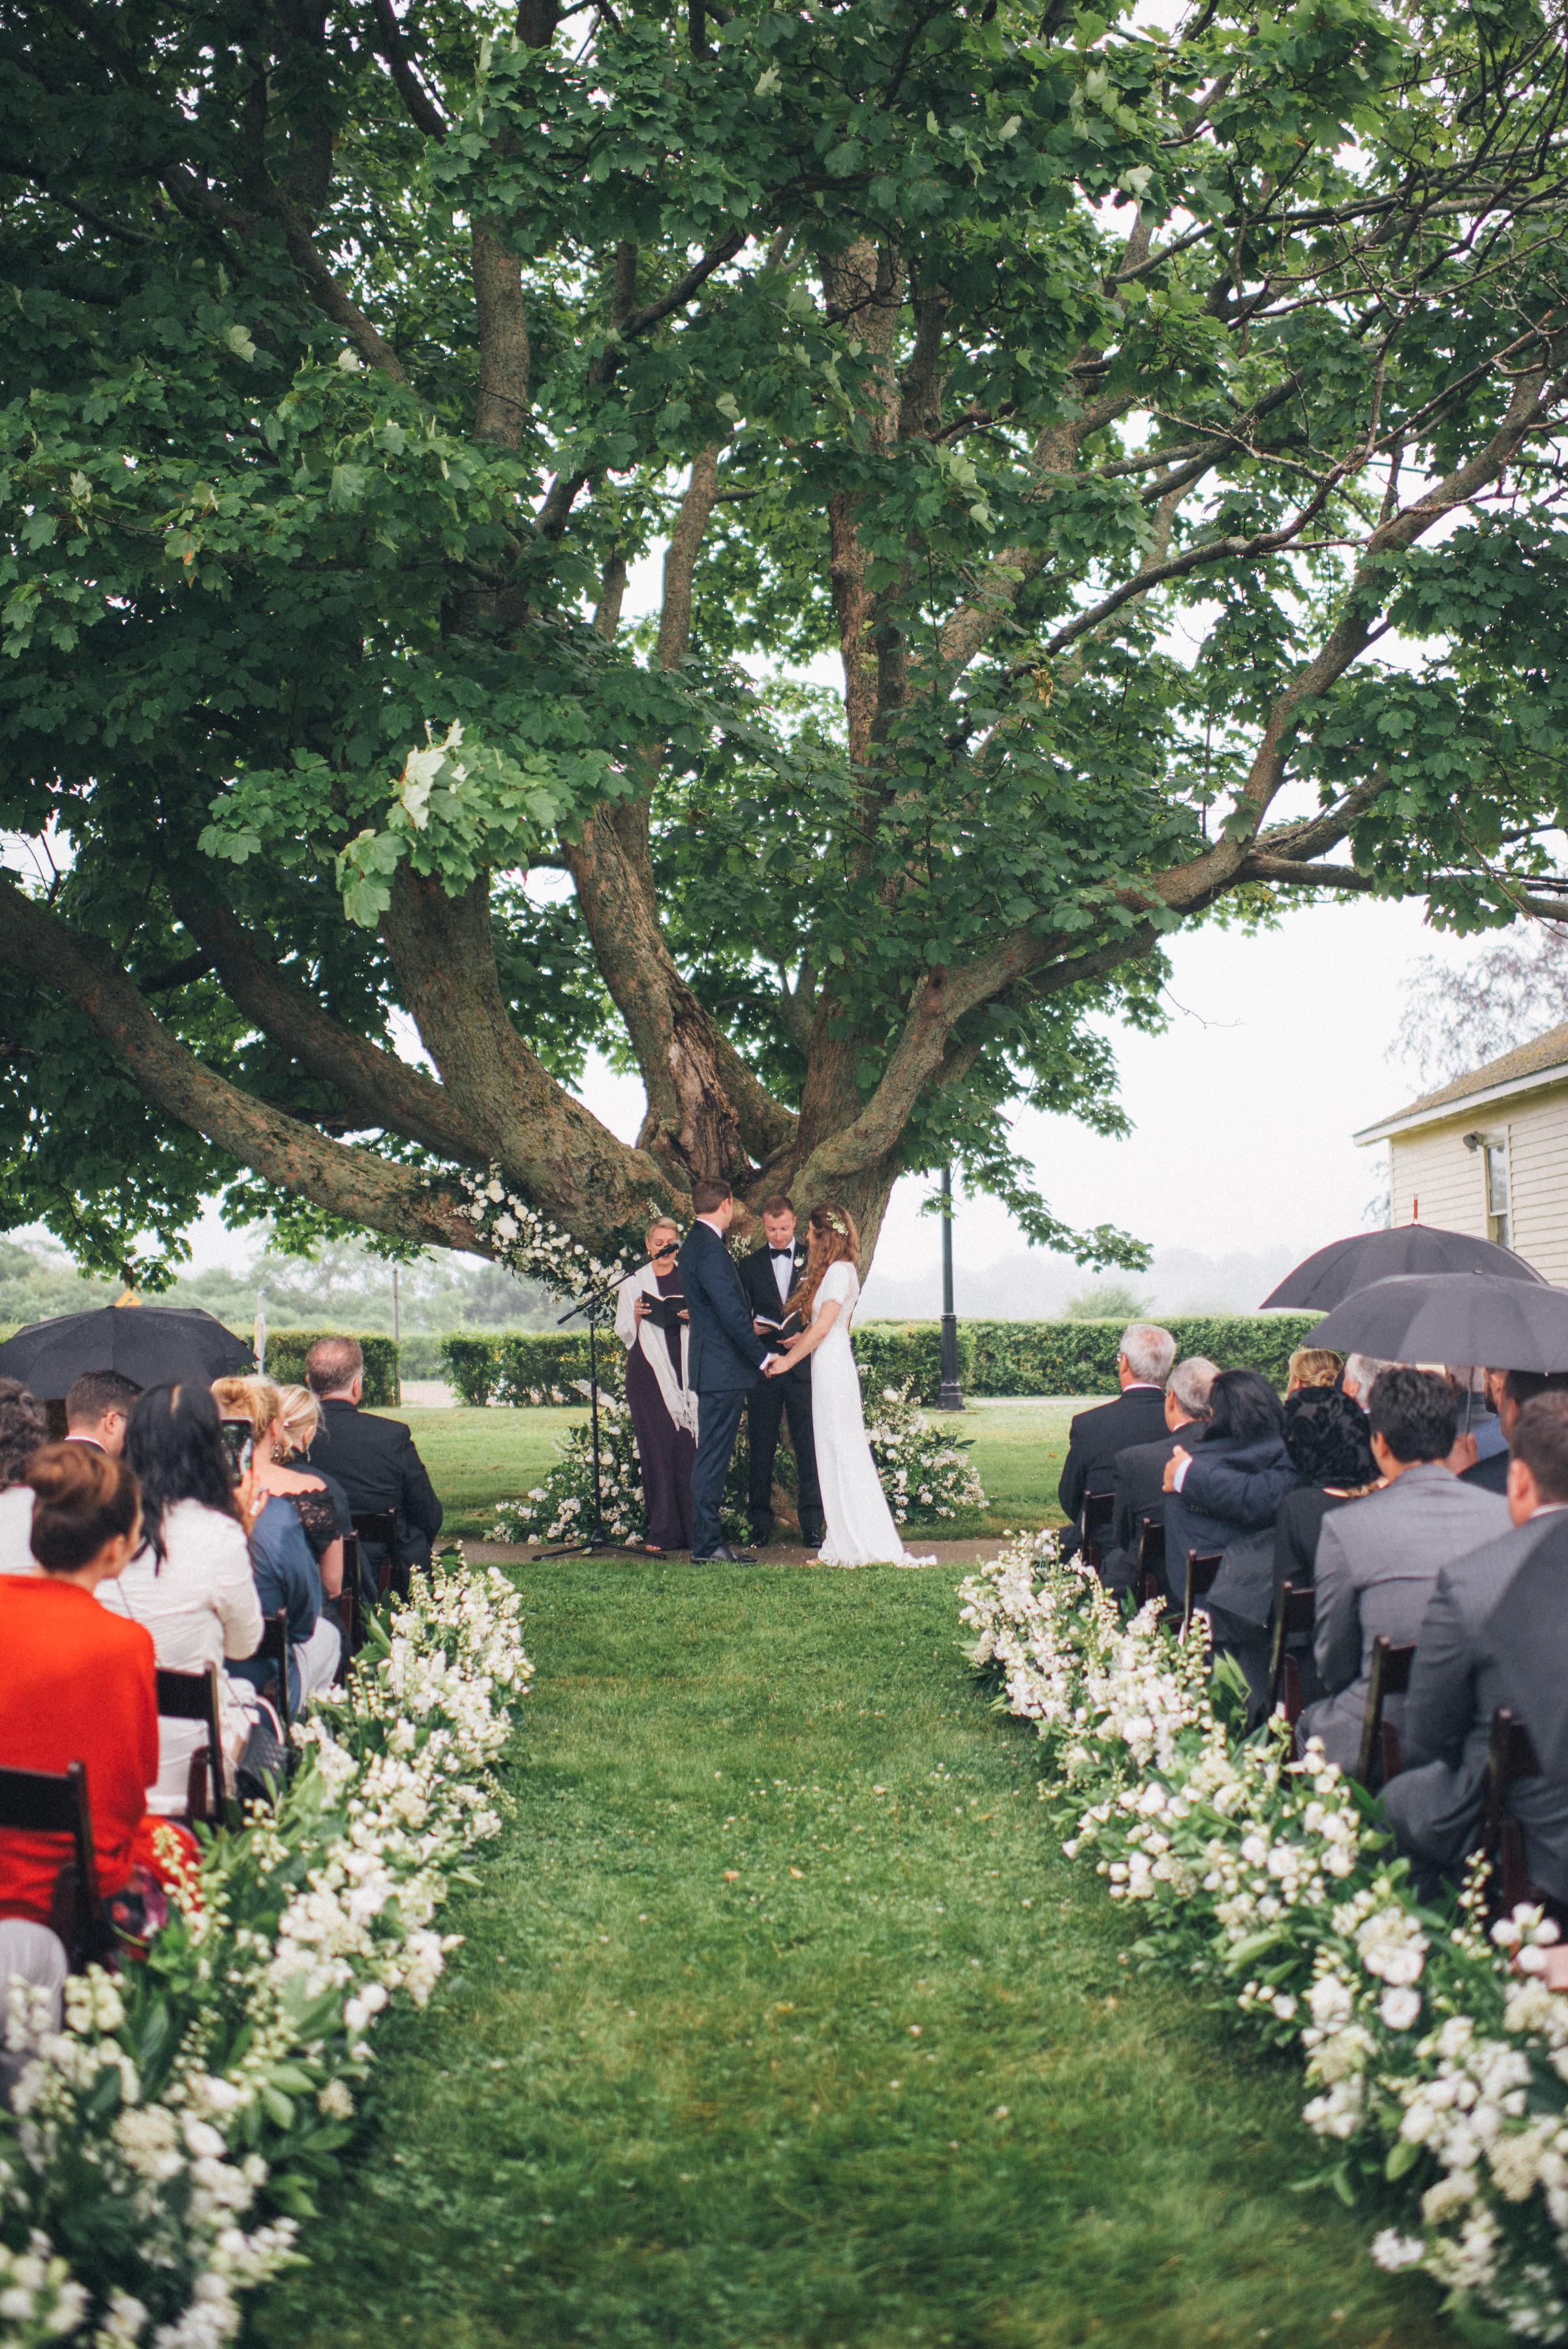 outdoor wedding ceremony below tree guests holding umbrellas